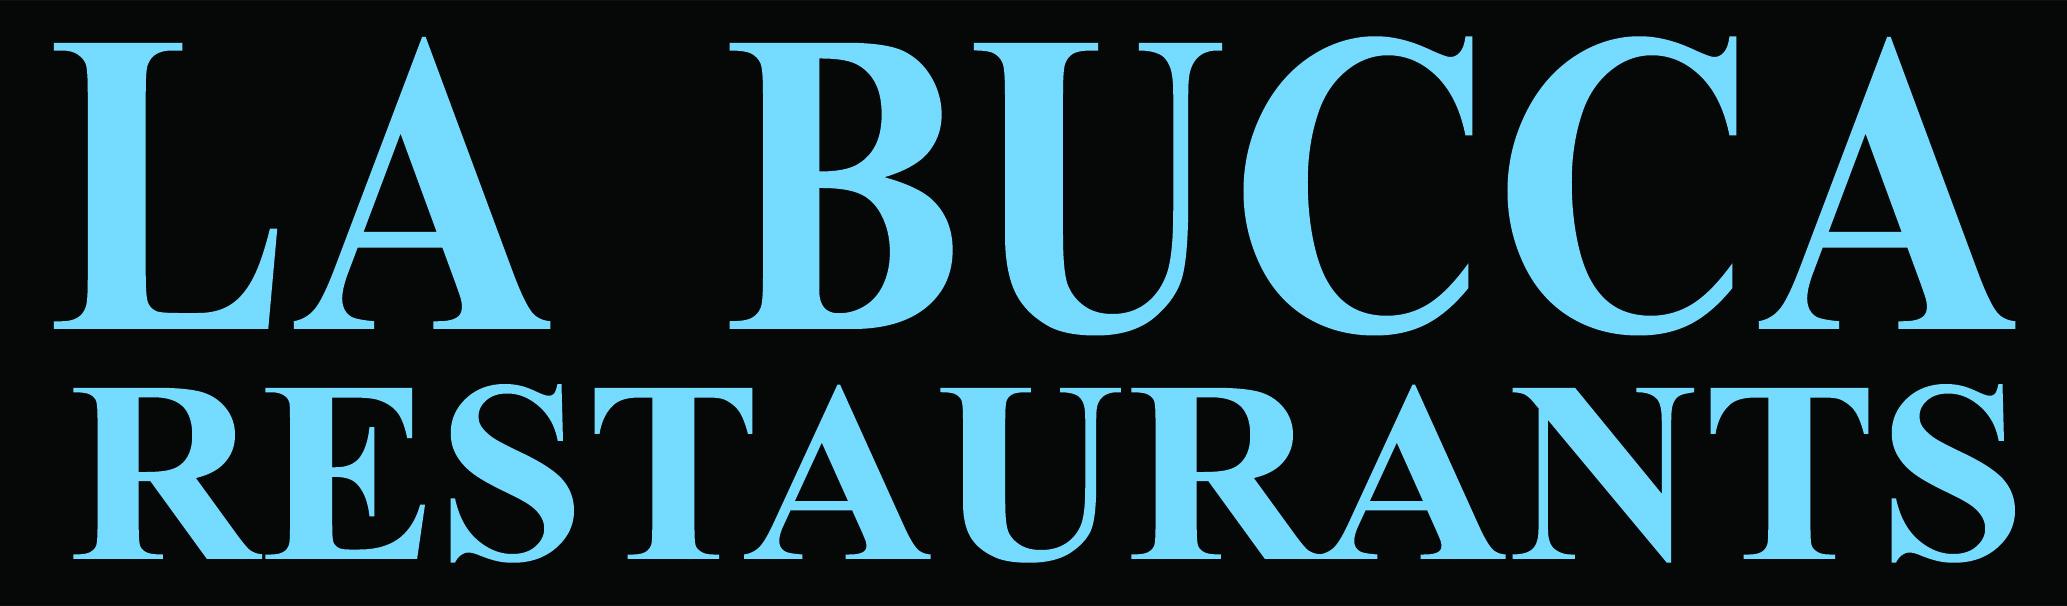 La Bucca Restaurants